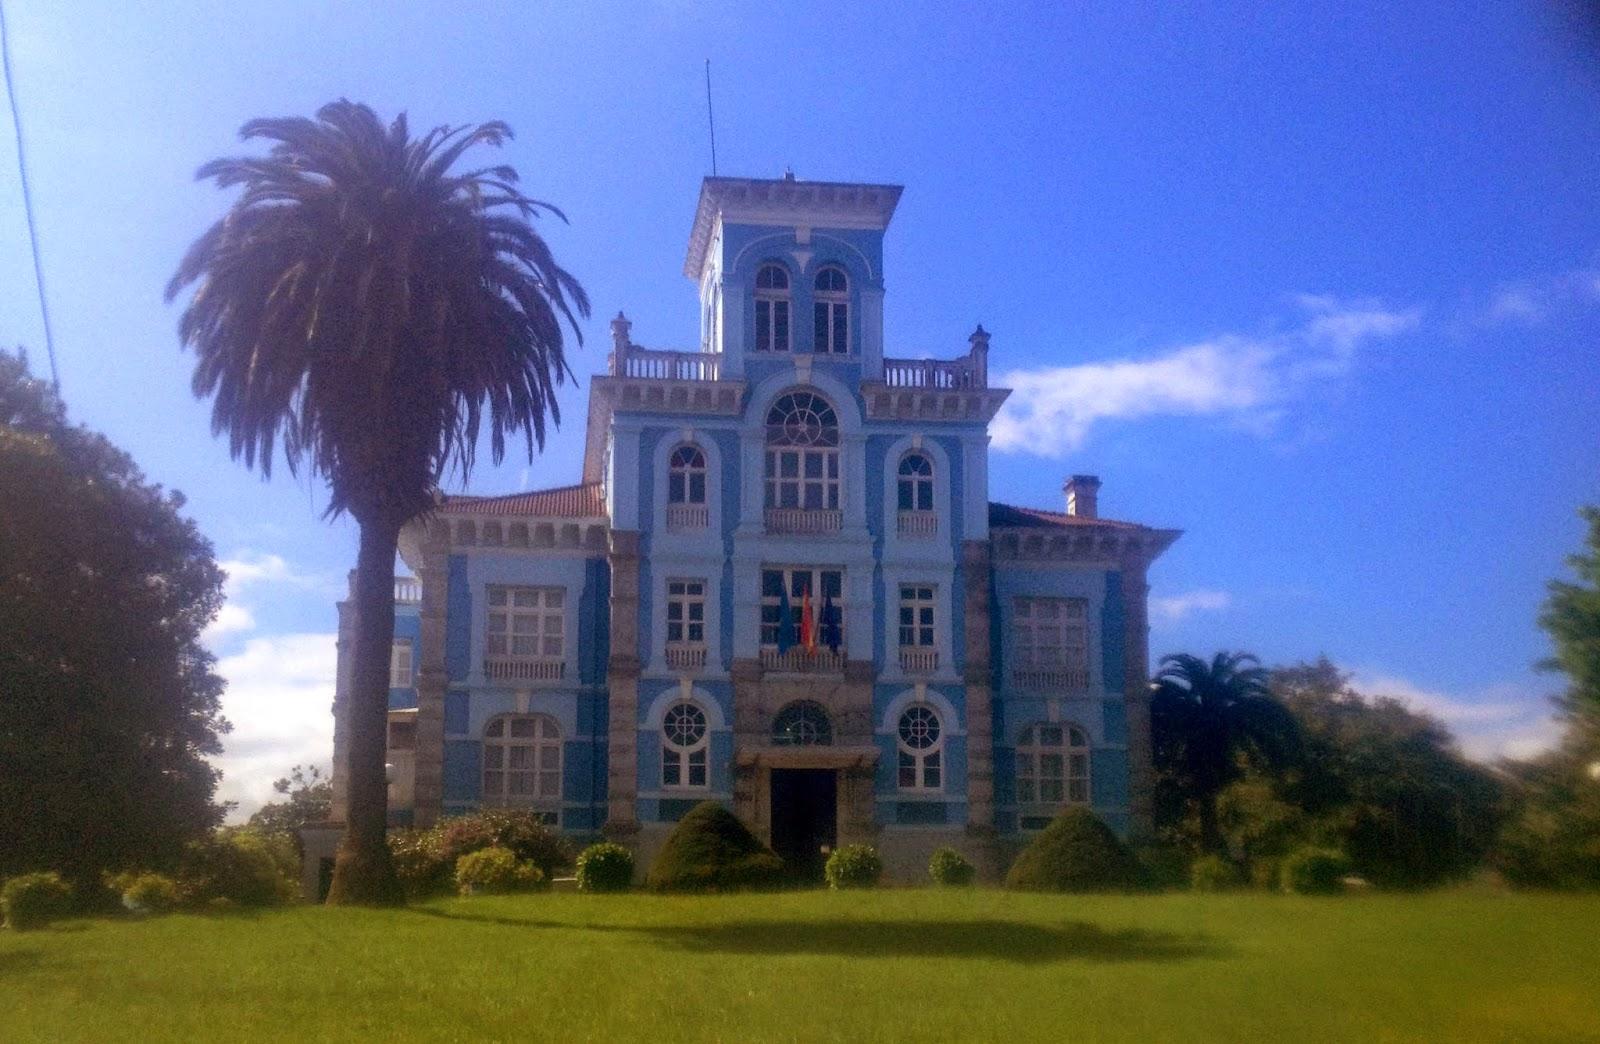 Btt repech n ruta por el oriente de asturies de pe a tu a bustio y regreso por la costa - Casa junco colombres ...